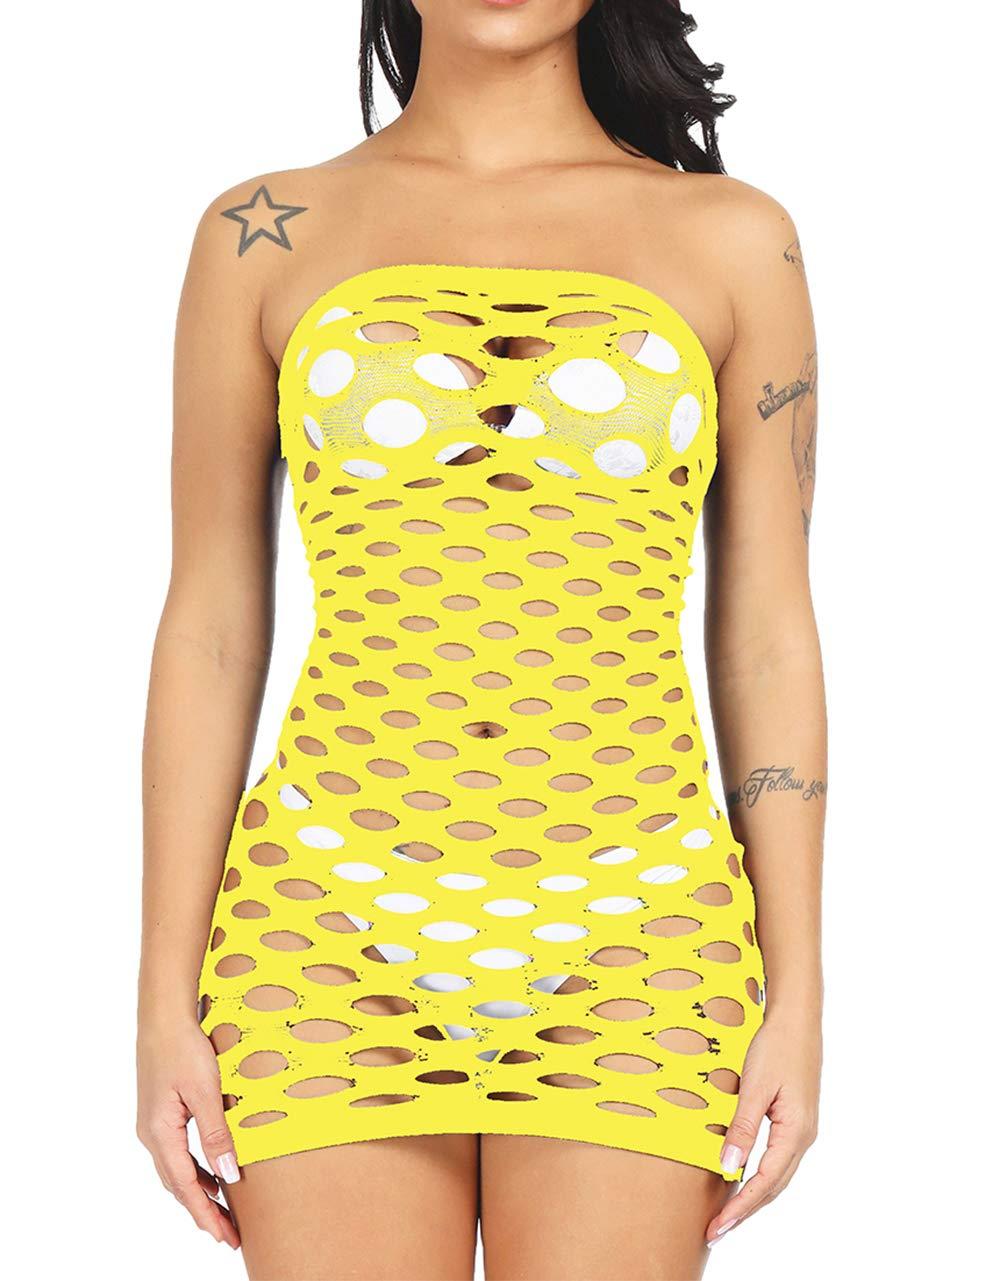 LemonGirl-Womens-Mesh-Lingerie-for-Women-Fishnet-Babydoll-Mini-Dress-Free-Size-Bodysuit